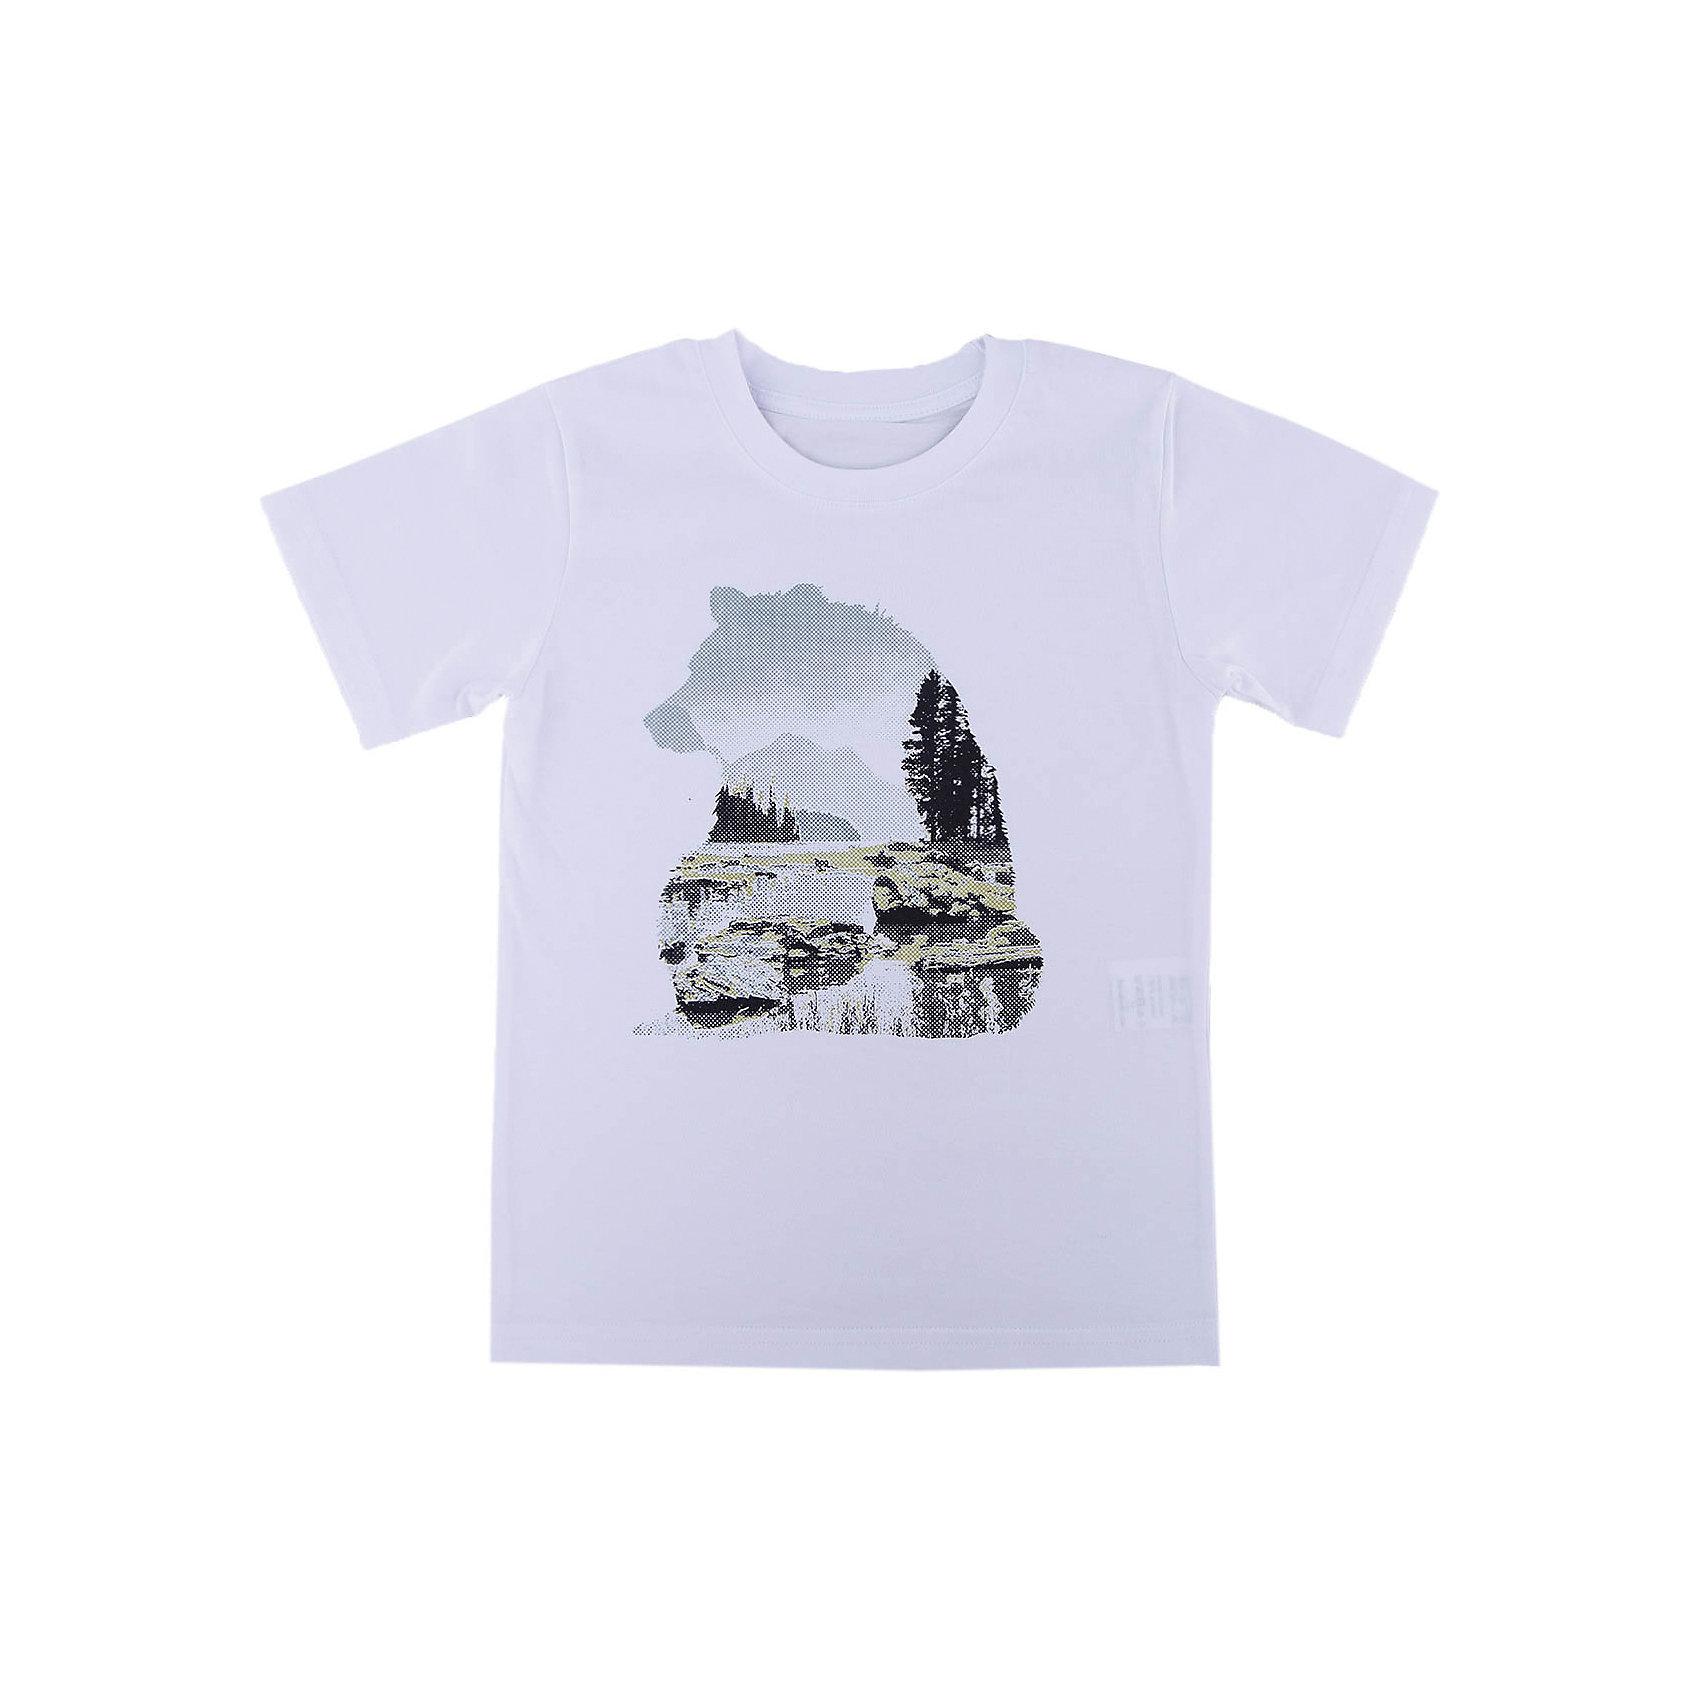 Футболка для мальчика WOWФутболки, поло и топы<br>Футболка для мальчика WOW<br>Незаменимой вещью в  гардеробе послужит футболка с коротким рукавом. Стильная и в тоже время комфортная модель, с яркой оригинальной печатью, будет превосходно смотреться на ребенке.<br>Состав:<br>кулирная гладь 100% хлопок<br><br>Ширина мм: 199<br>Глубина мм: 10<br>Высота мм: 161<br>Вес г: 151<br>Цвет: белый<br>Возраст от месяцев: 144<br>Возраст до месяцев: 156<br>Пол: Мужской<br>Возраст: Детский<br>Размер: 158,140,134,128,164,152,146<br>SKU: 6871692